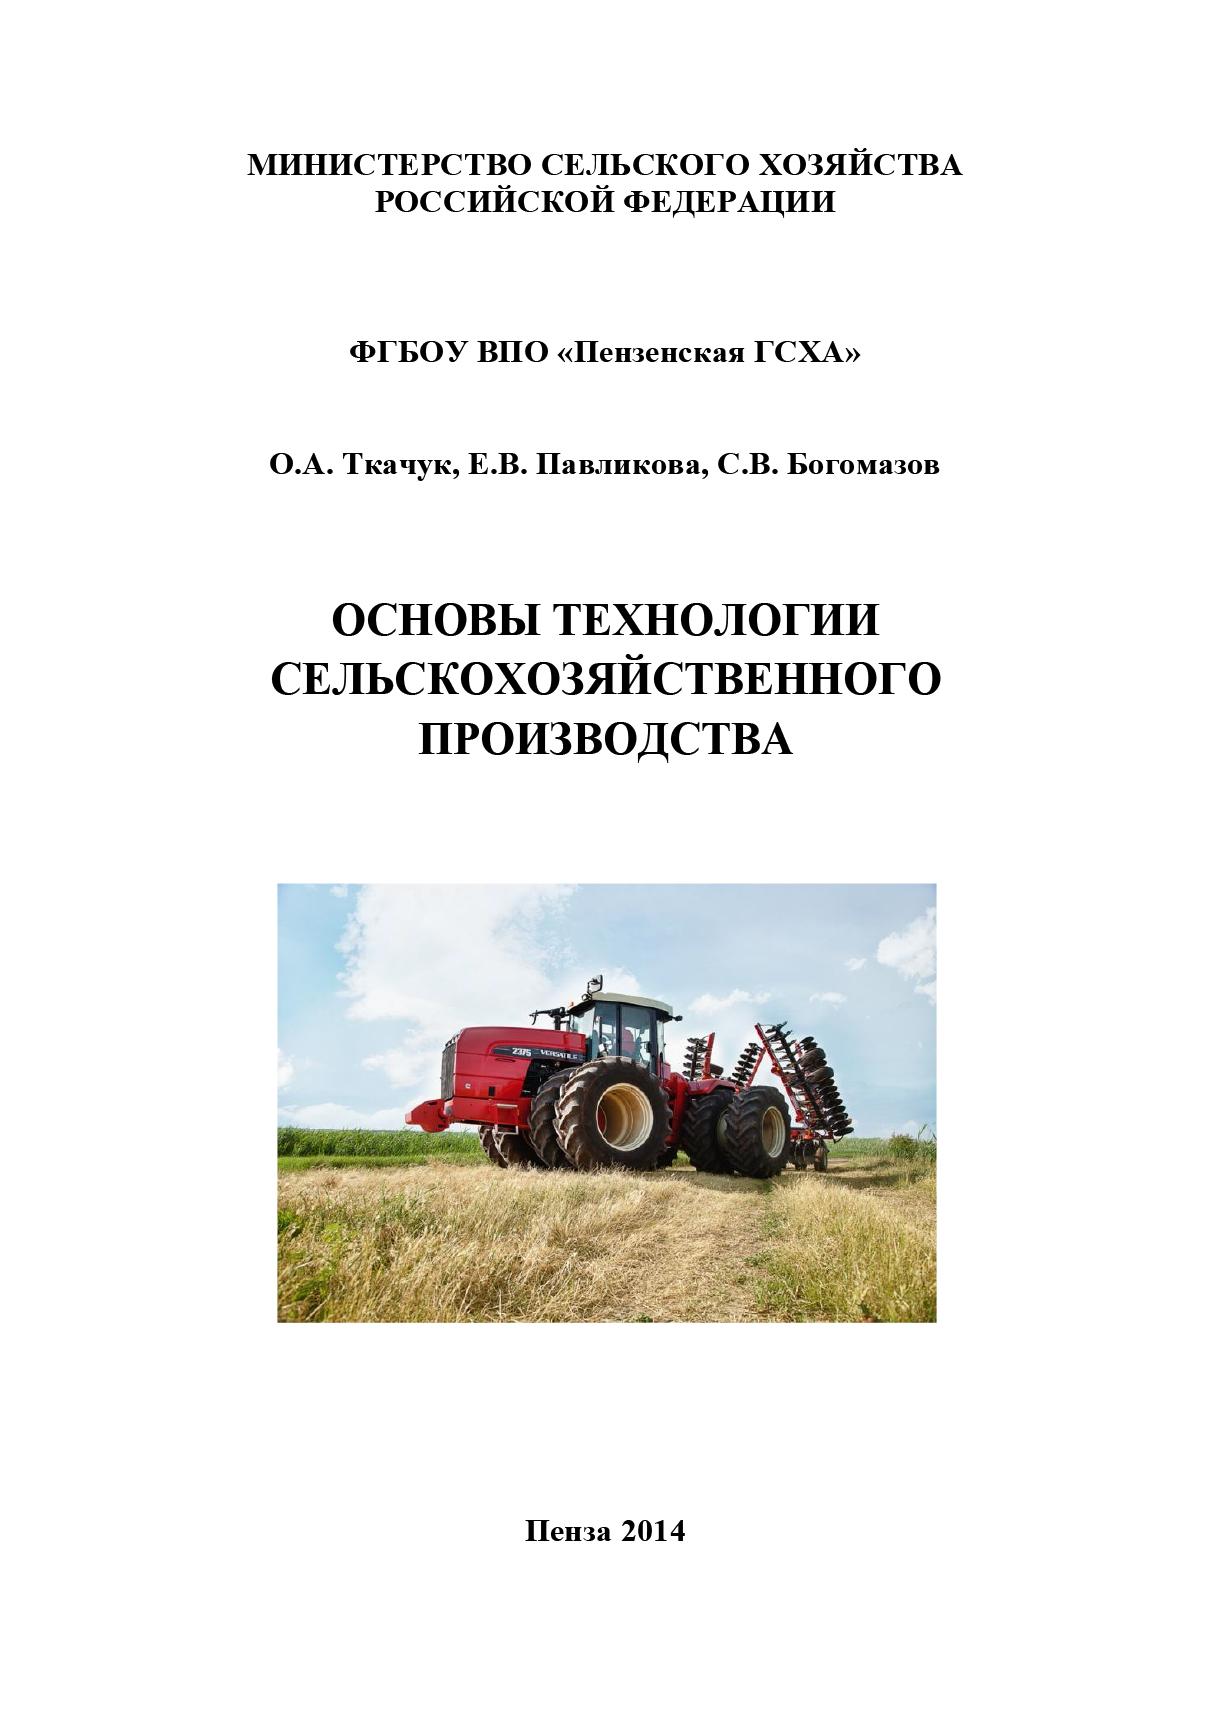 С. В. Богомазов Основы технологии сельскохозяйственного производства разработка занятий по теме особенности выполнения слесарных работ